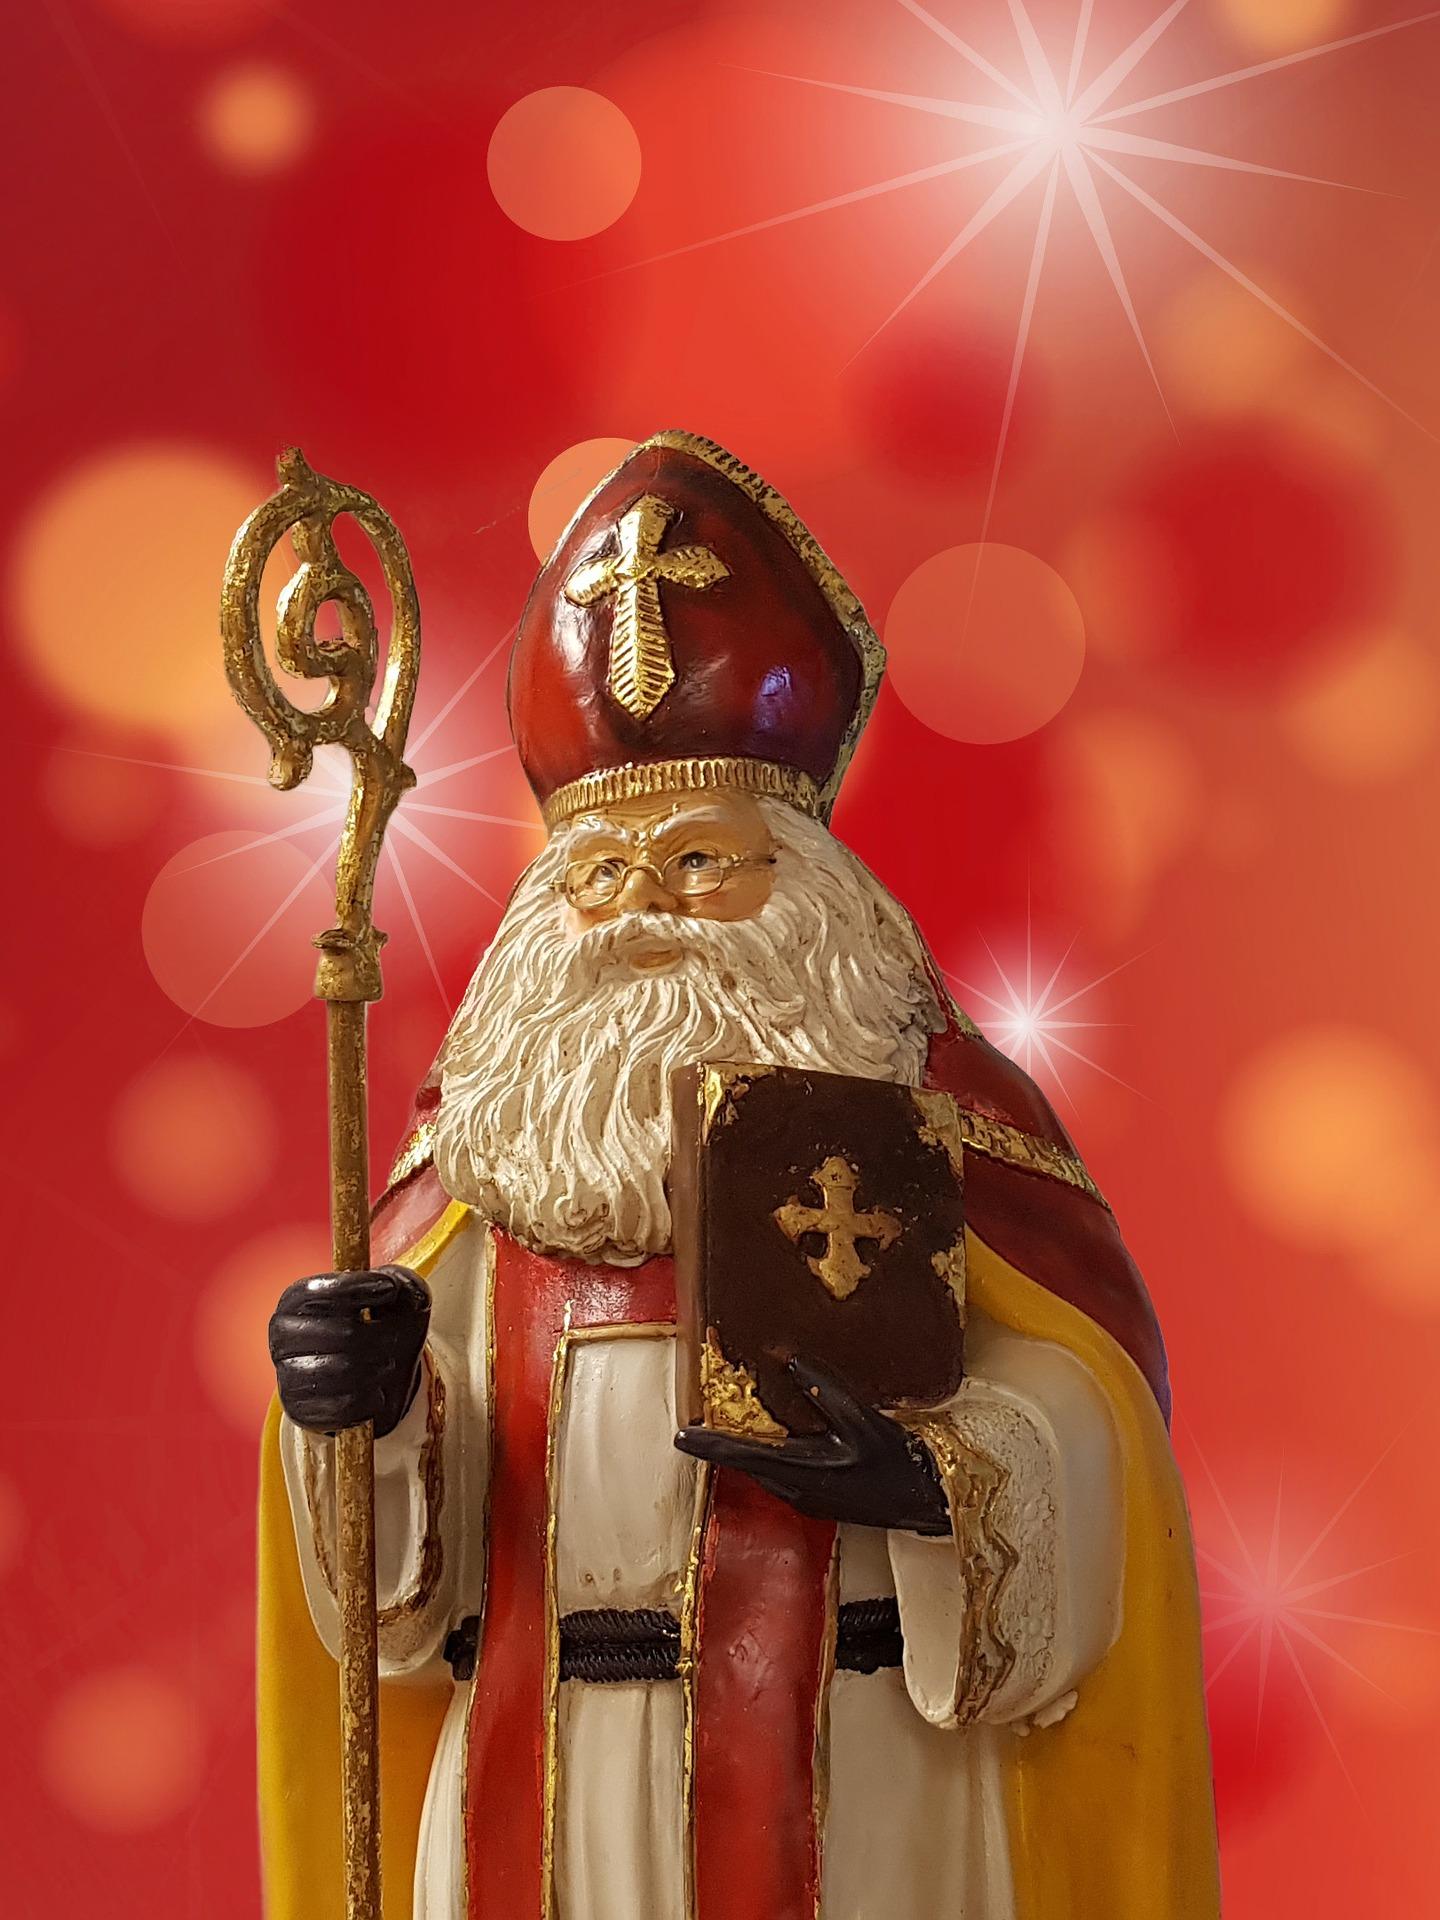 Saint Nicolas est revêtu de l'habit liturgique de l'évêque avec la mitre et la crosse -